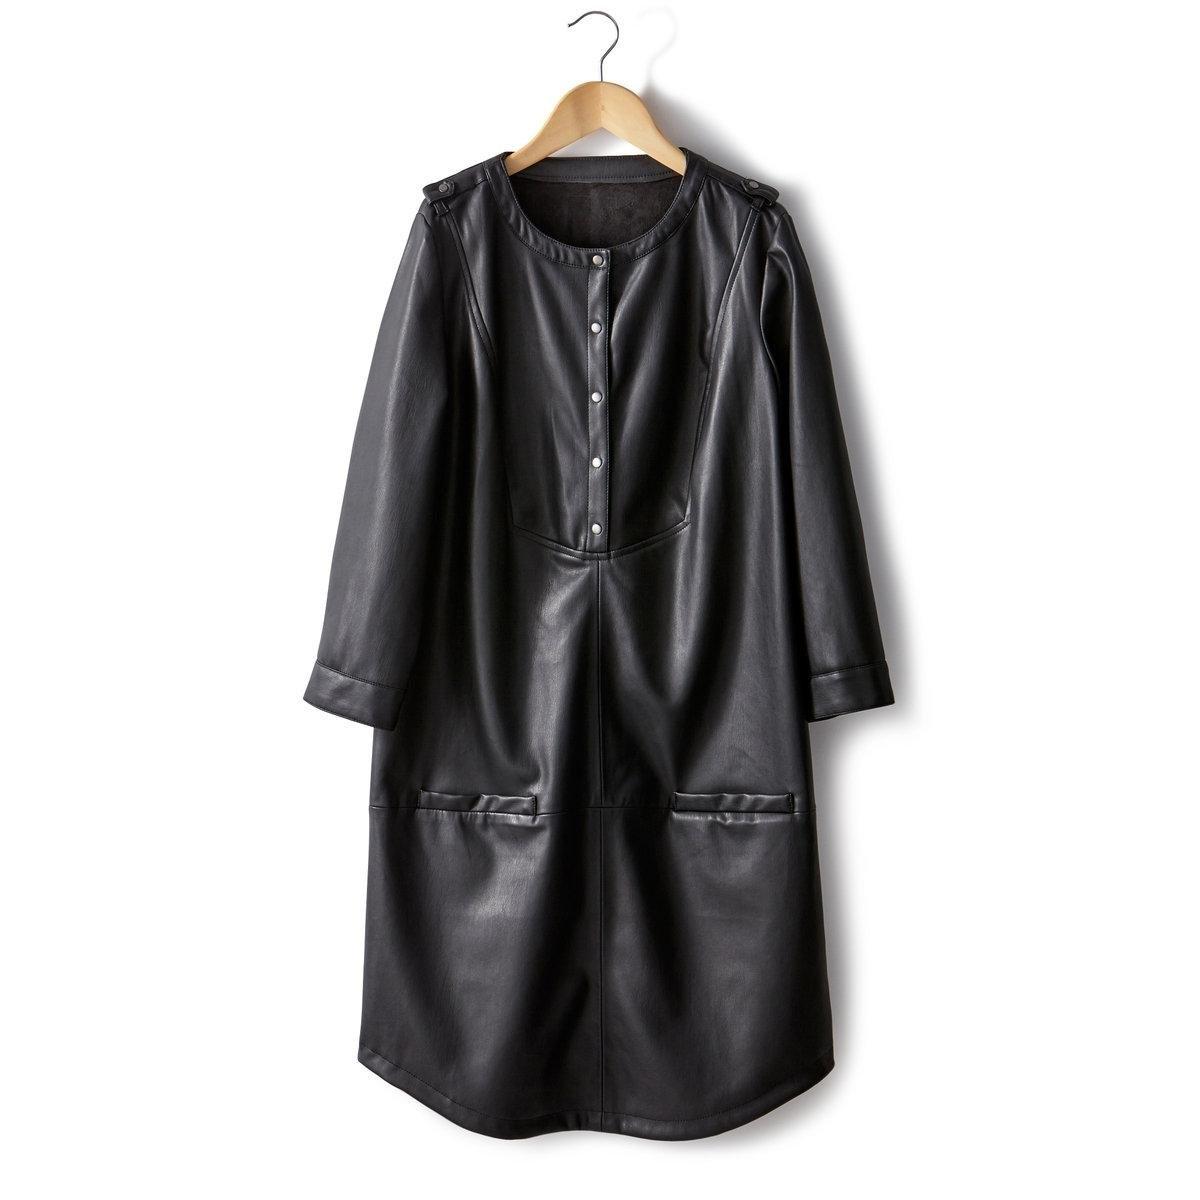 Платье из искусственной кожи с длинными рукавамиПлатье из искусственной кожи. 100% полиэстера. Планка застежки на кнопки на плечах. Манишка с застежкой на кнопки. 2 кармана спереди. Слегка закругленный низ. Длина платья: 90 см. Элегантное нарядное платье!<br><br>Цвет: черный<br>Размер: 36 (FR) - 42 (RUS)